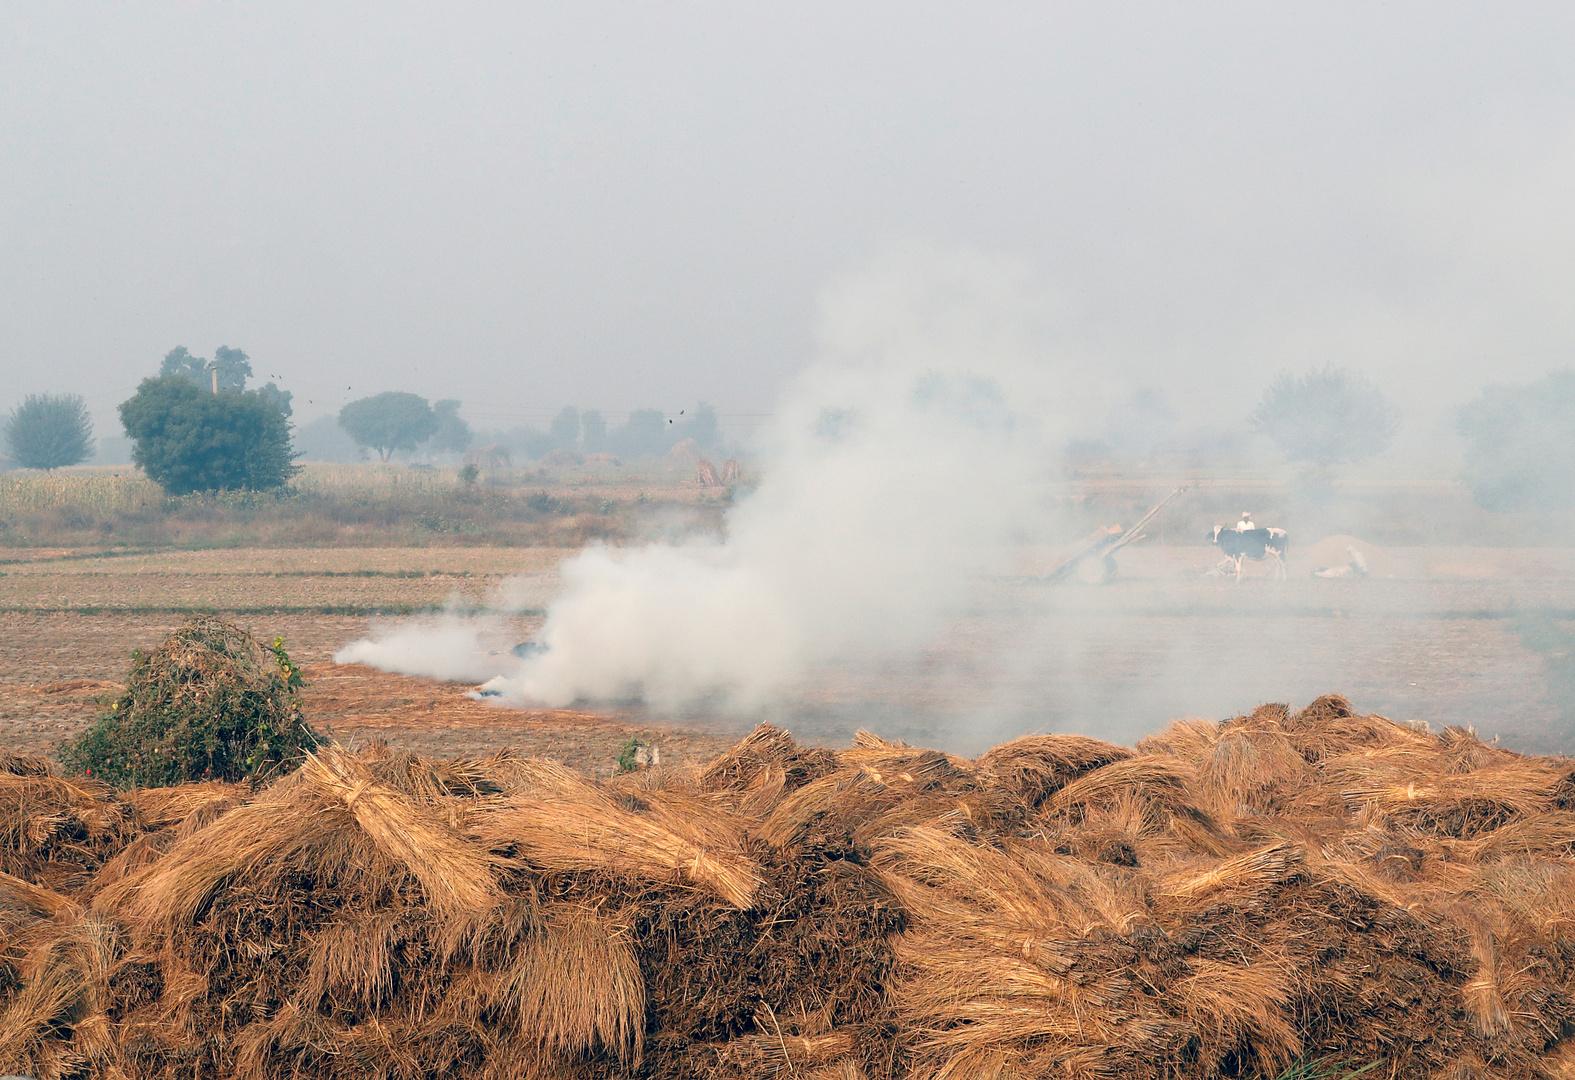 الهند تواجه تهديدا صحيا مزدوجا هذا الشتاء: التلوث والوباء